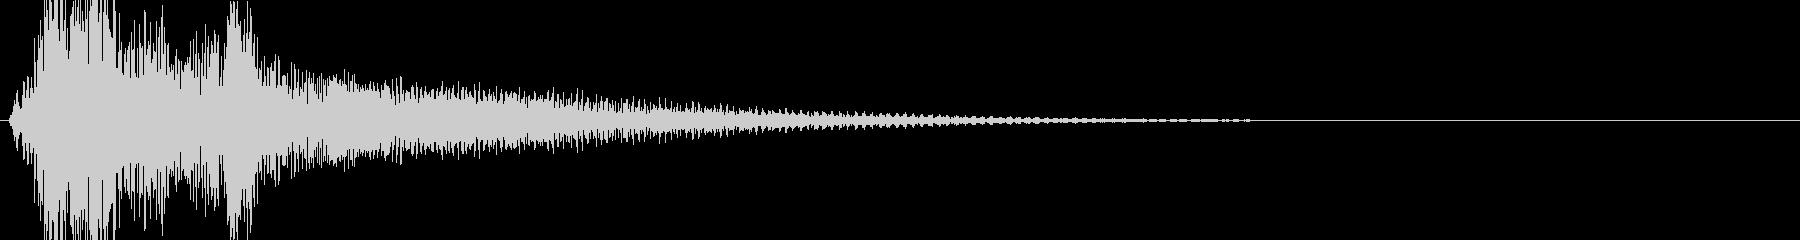 KANT 巨大ロボット系機械の足音2の未再生の波形